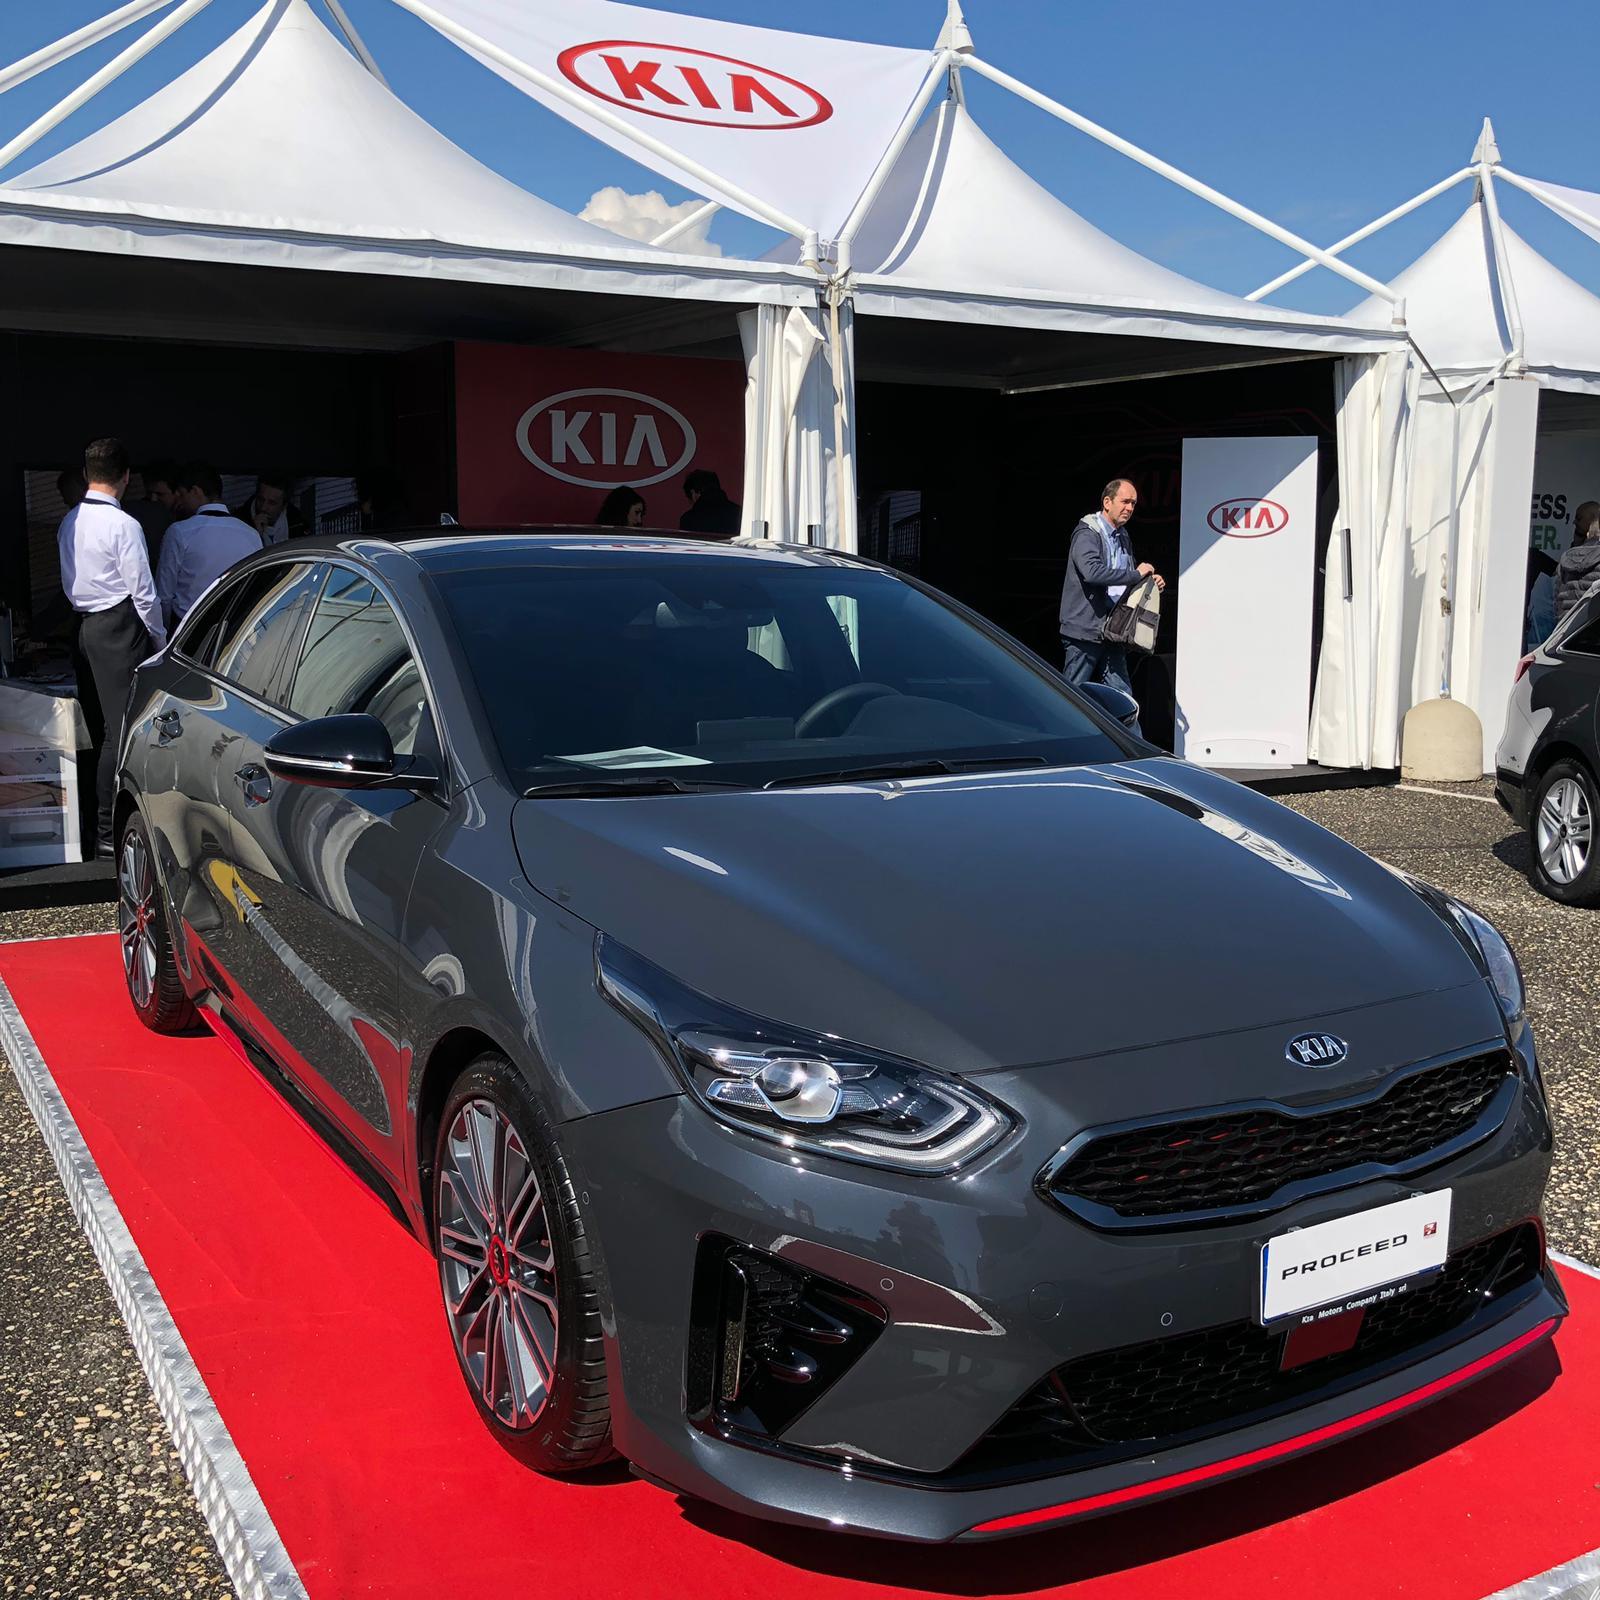 nuova-kia-proceed-anteprima-fleet-motor-day-2019